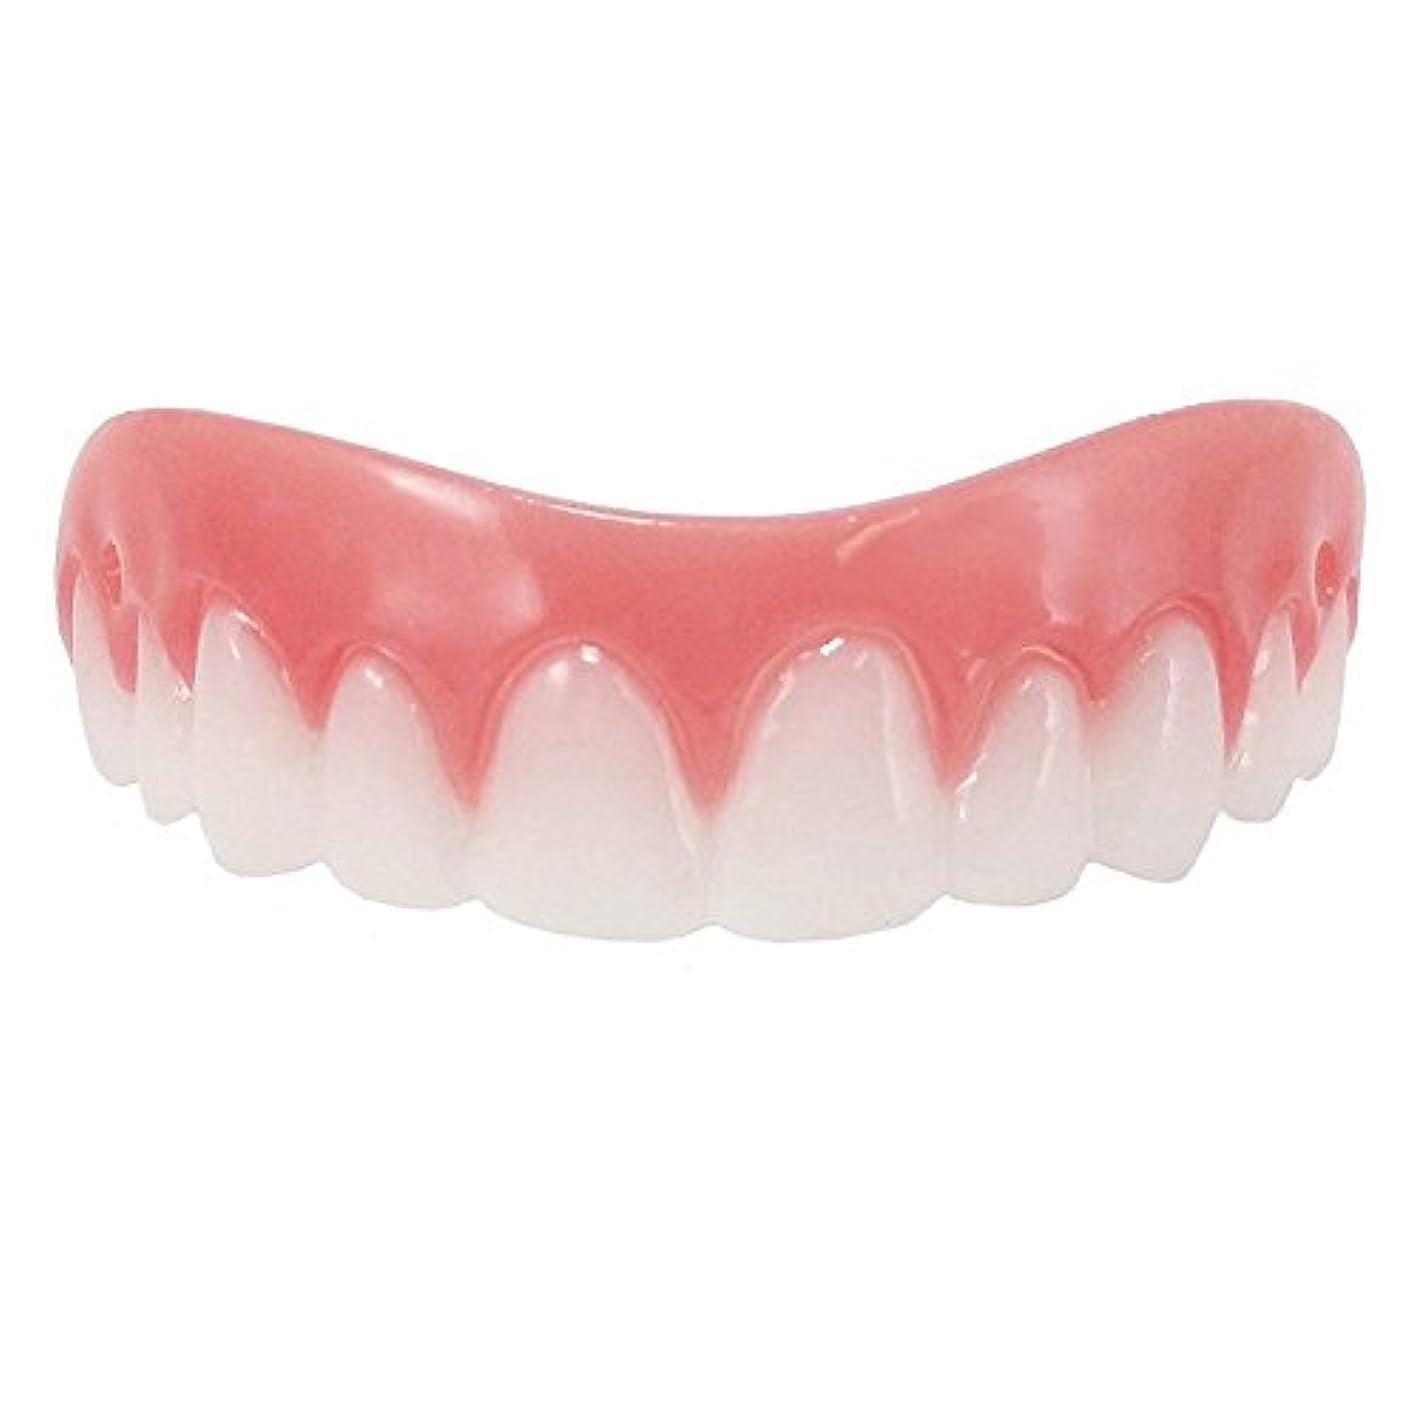 ほとんどの場合抵抗力がある完全にシリコン義歯ペースト 美容用 入れ歯 上歯 下歯2個セット (free size)